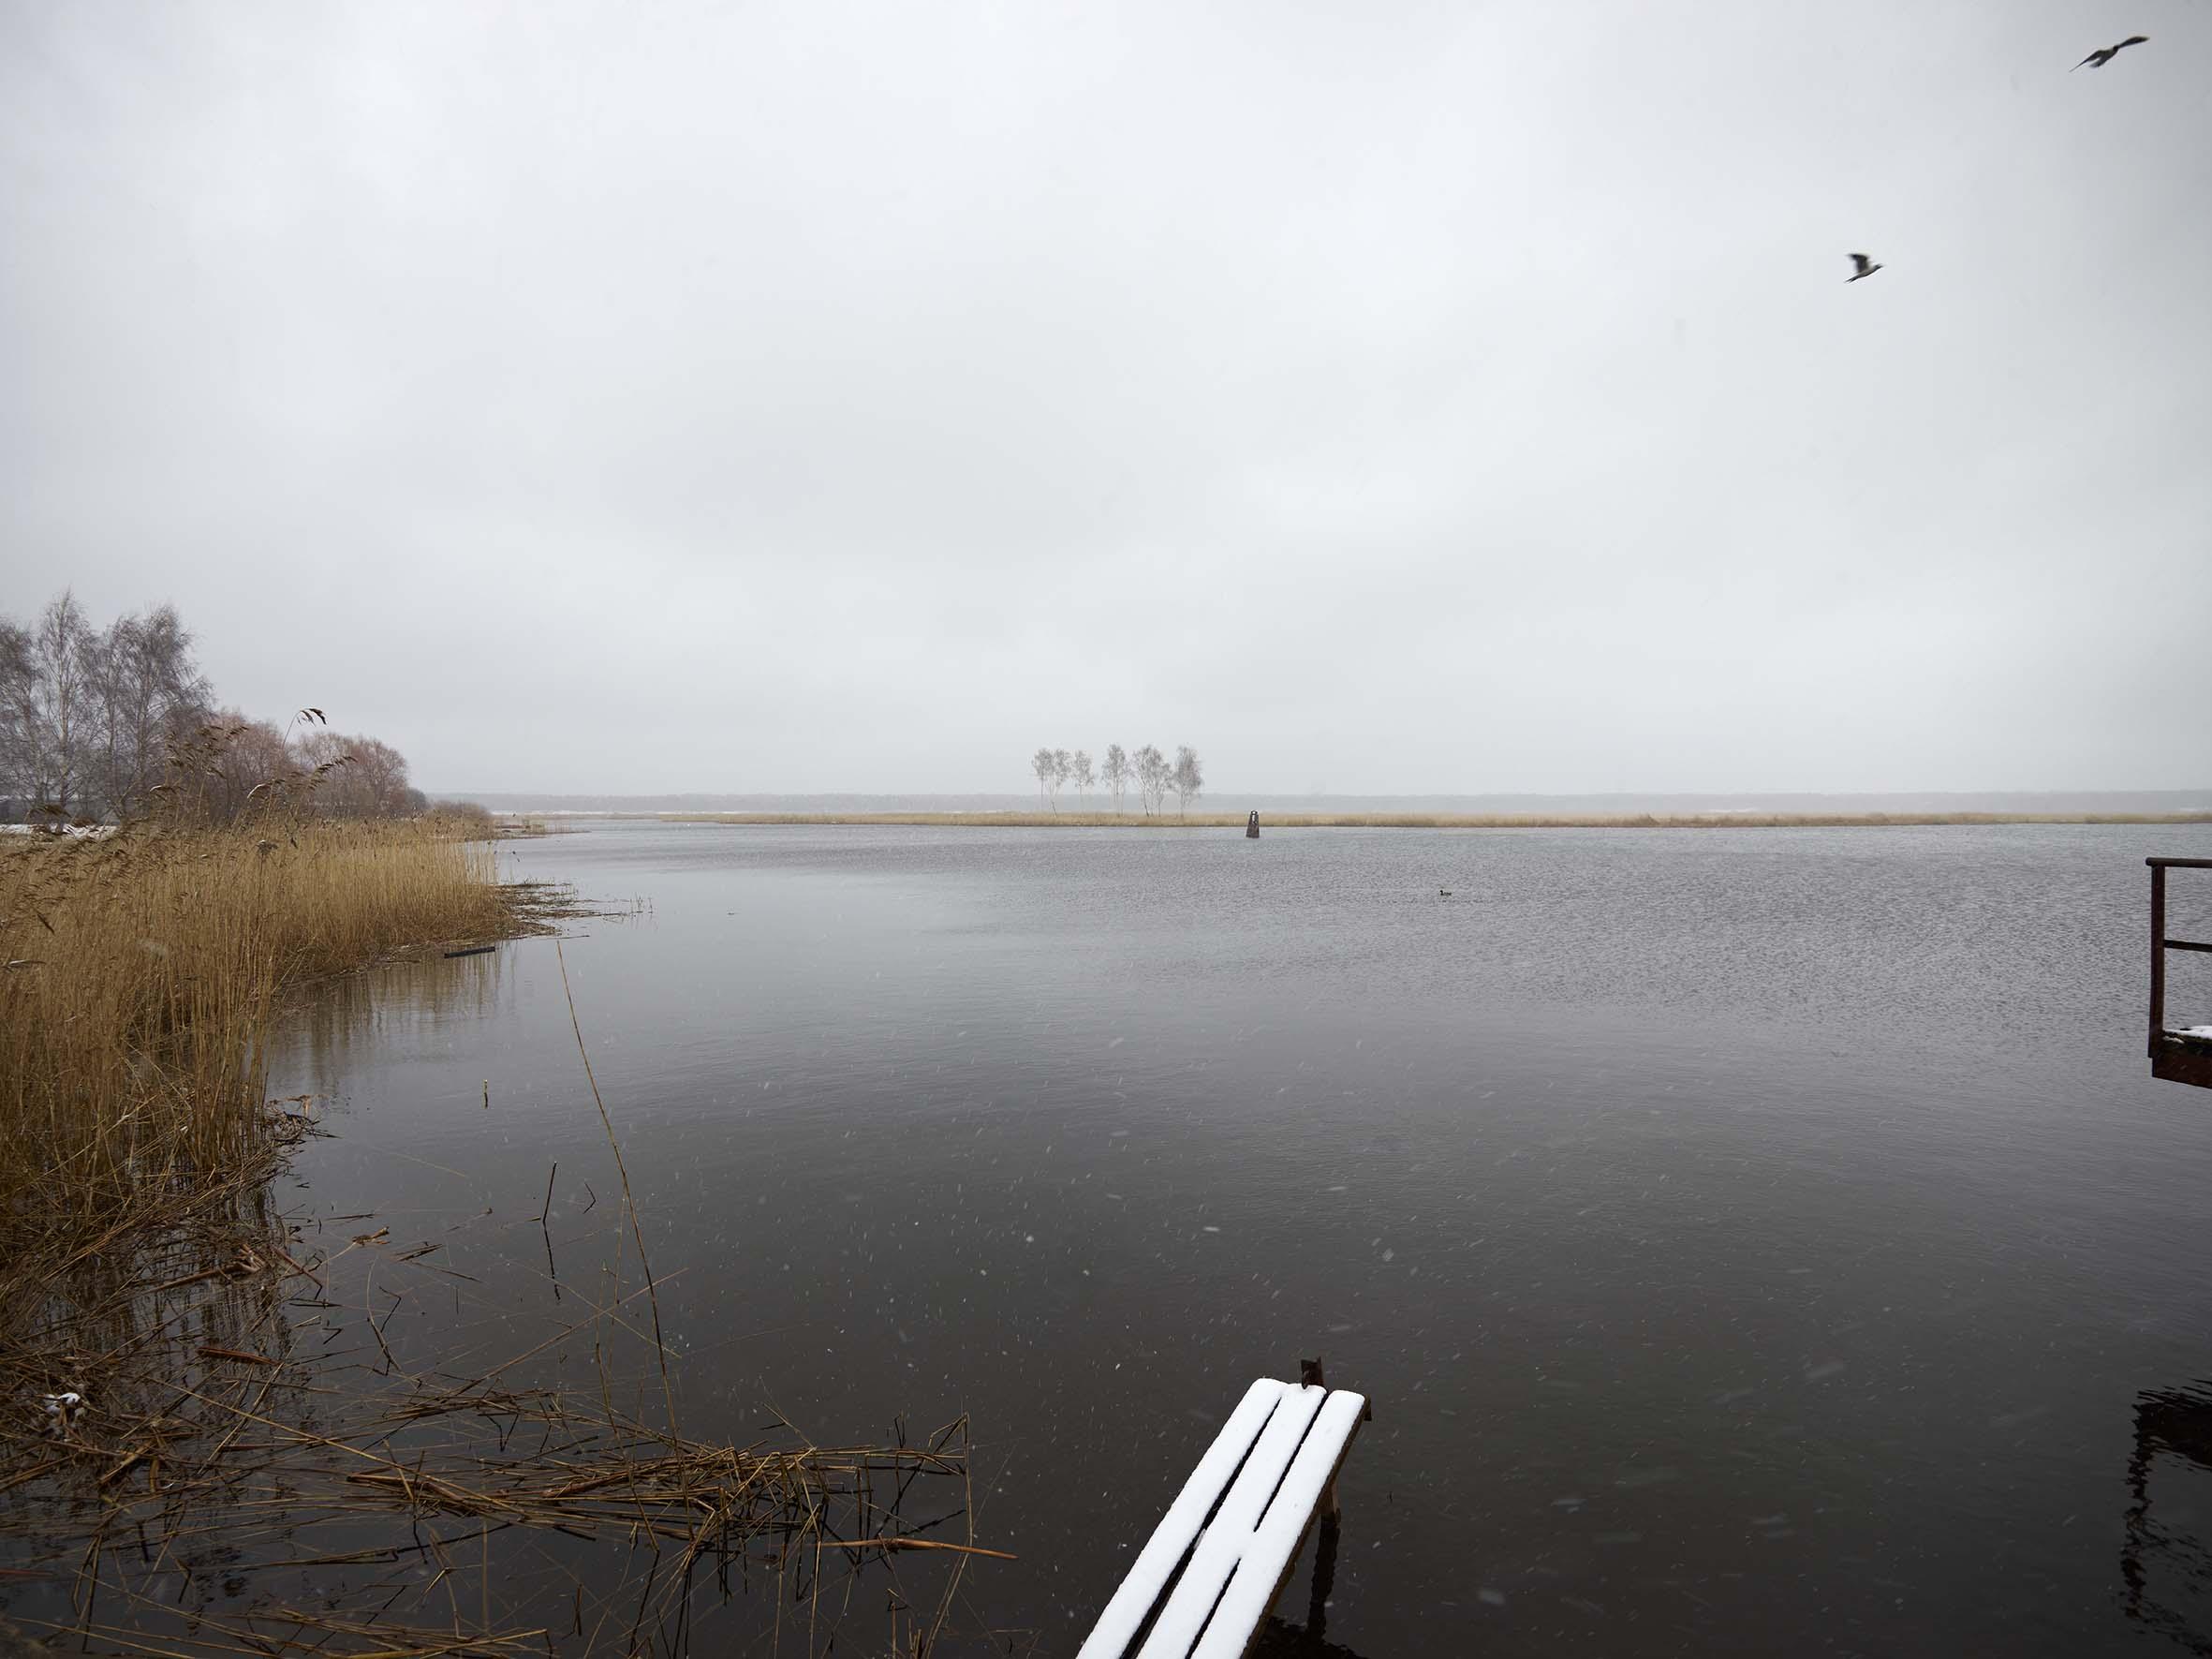 Bulduri, Jurmala, Letonia (Latvija), 2012